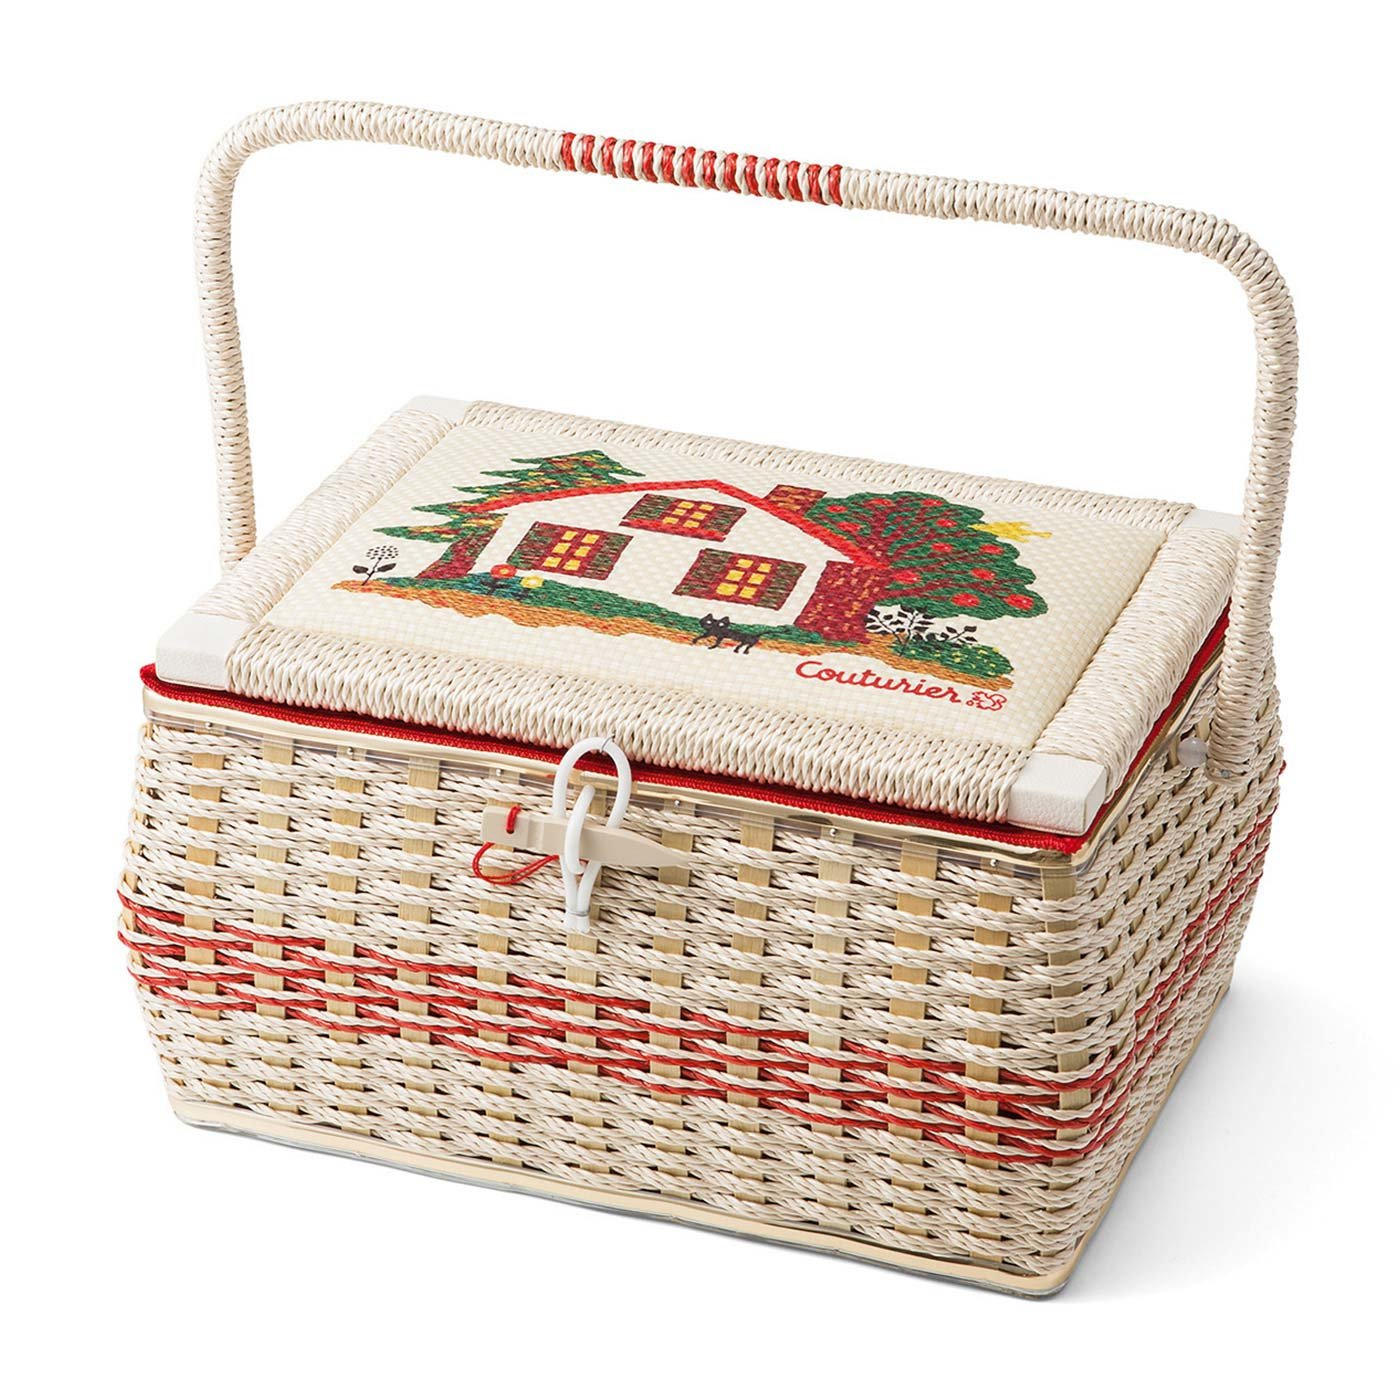 【ウェブ限定】大切に使い続けたい 職人さんの手づくり クチュリエのお裁縫箱